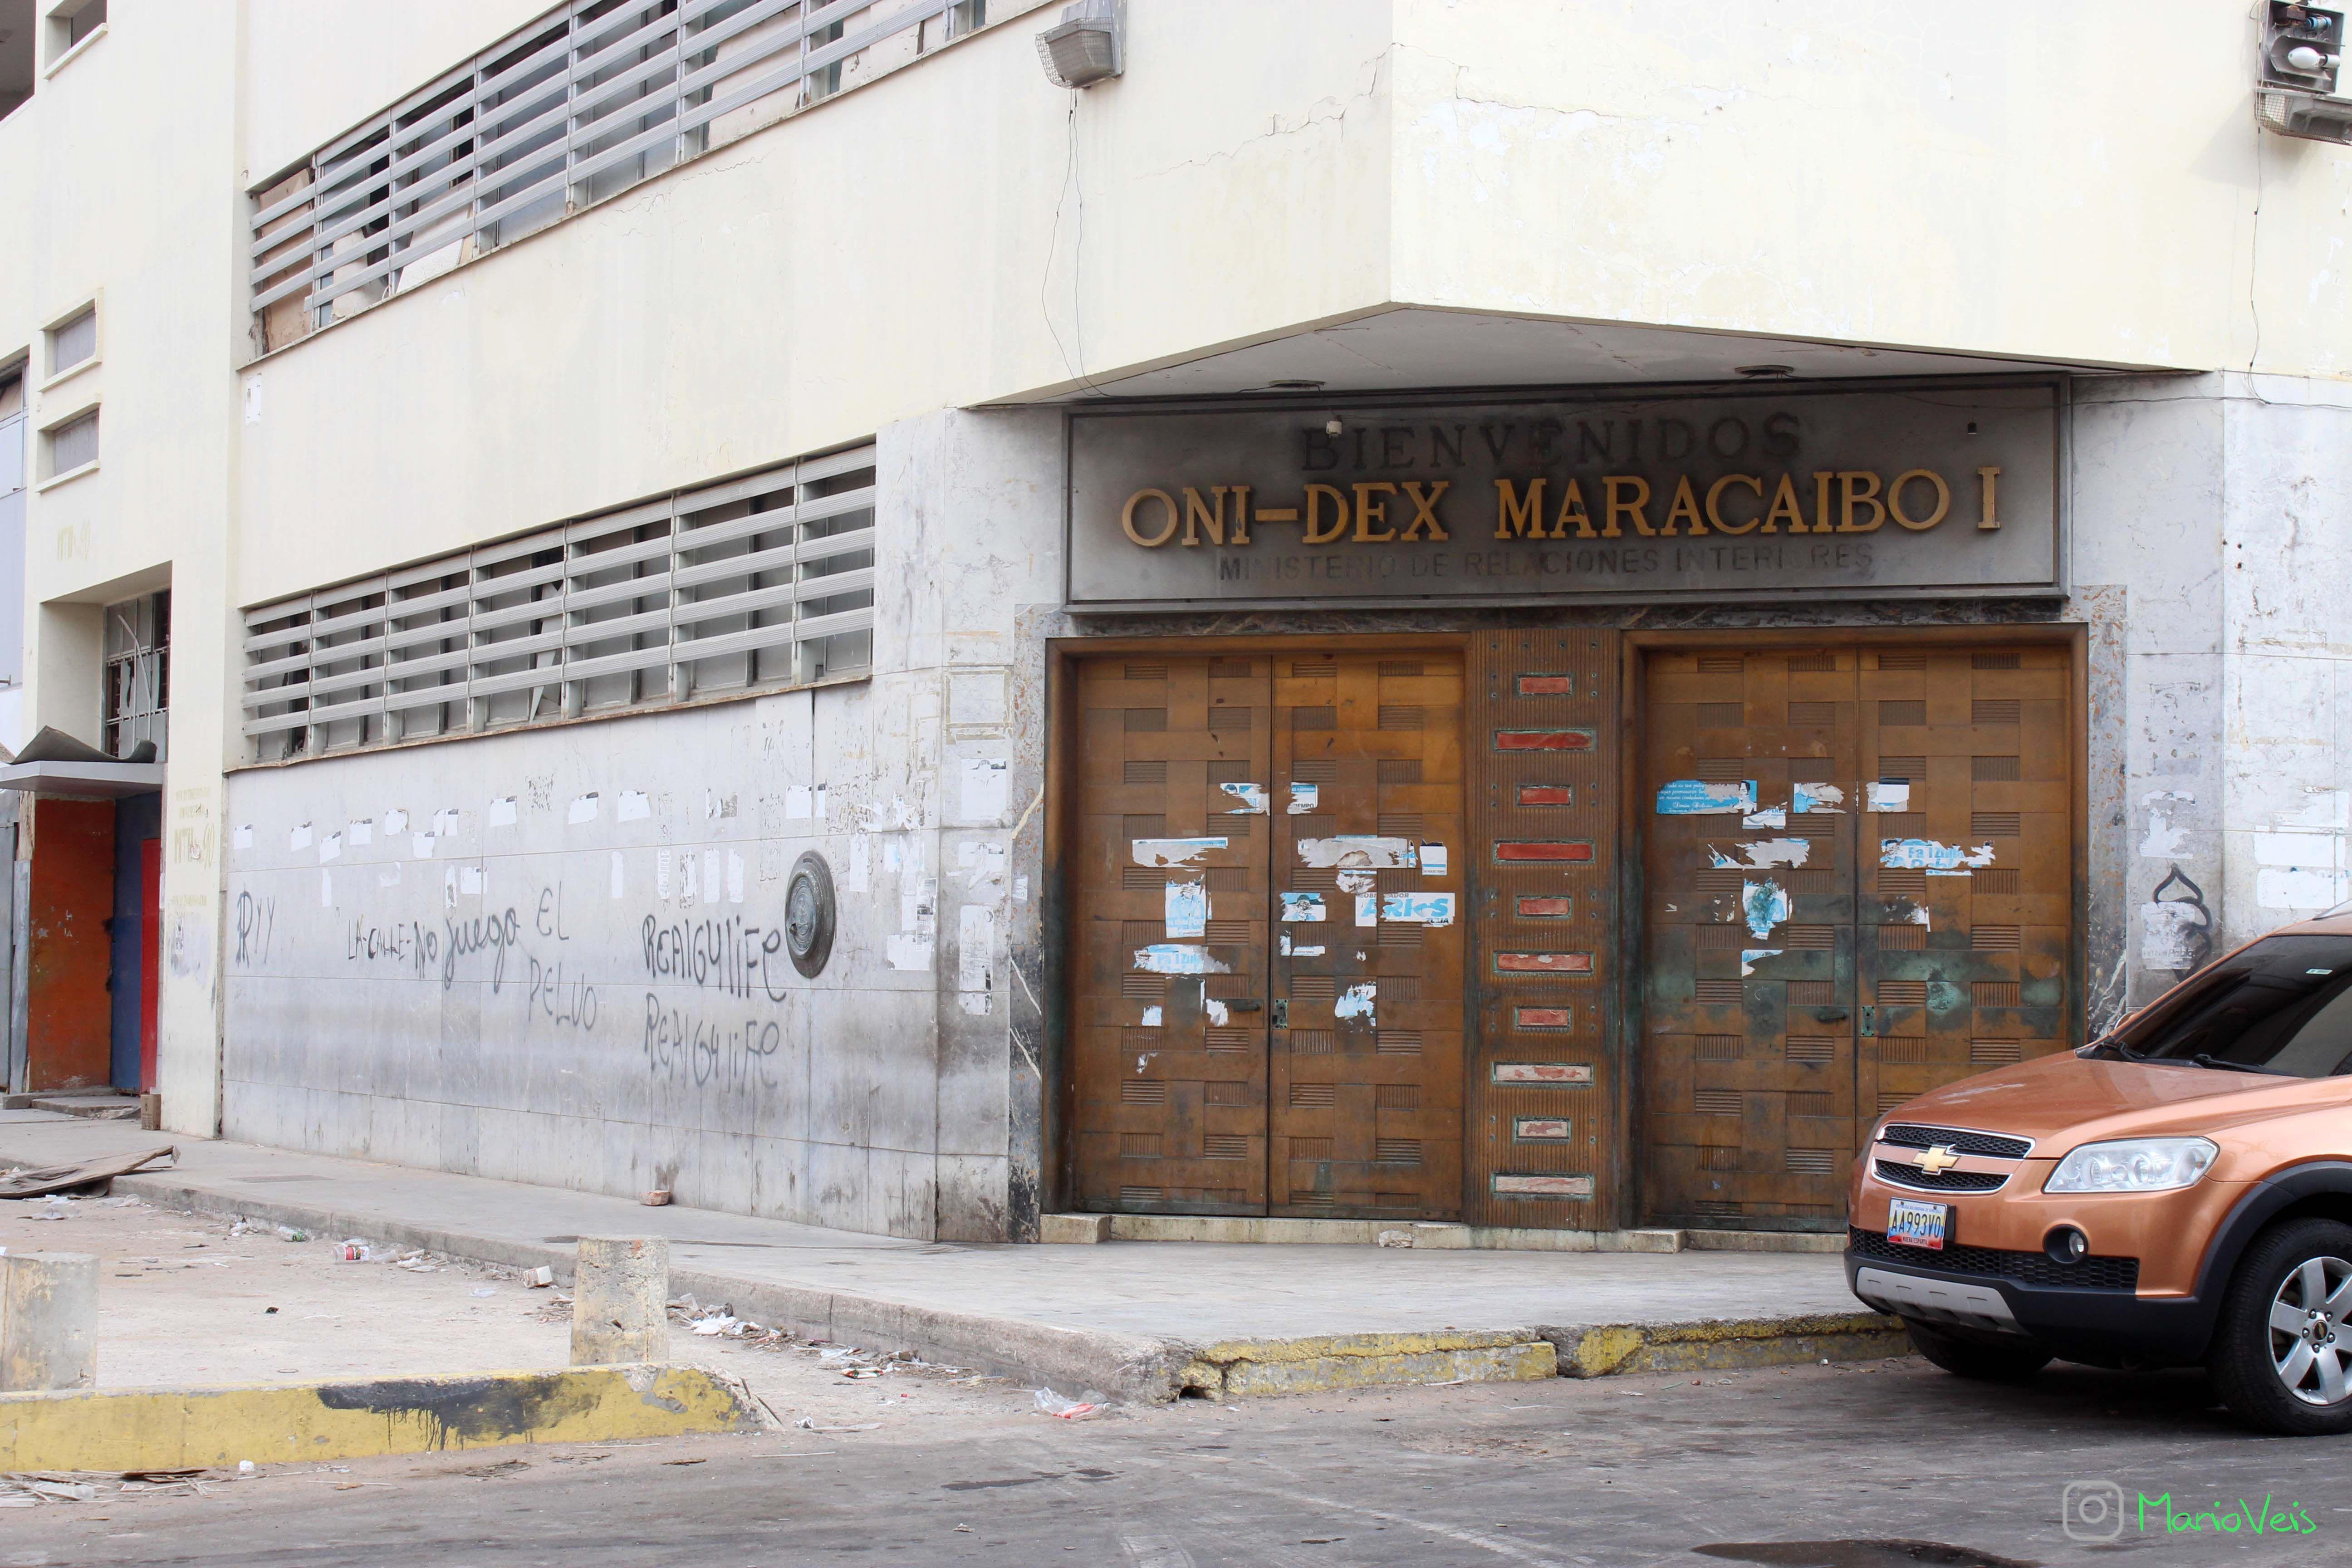 Puertas de la antigua casa matriz del Banco de Maracaibo.